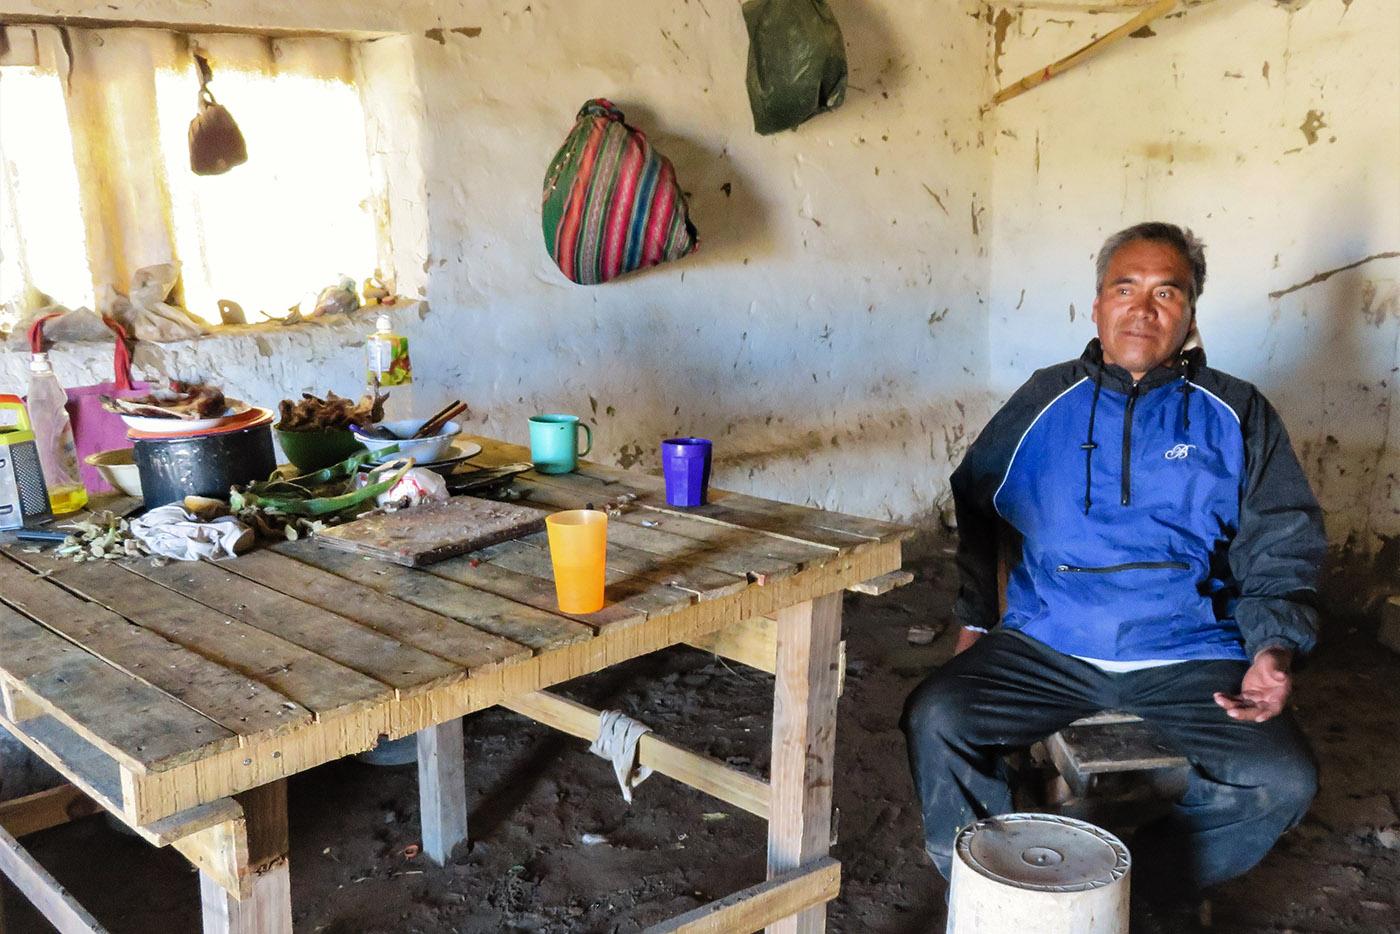 Le leader de la Table des 33 communautés, dans la salle à manger de sa modeste case où il vit une partie de l'année sa grande famille. Dans la pièce, les odeurs se mélangent: celle de la coca, typique de la région, et celle des restes de viande de lama. (photo Augustin Campos/8e étage)